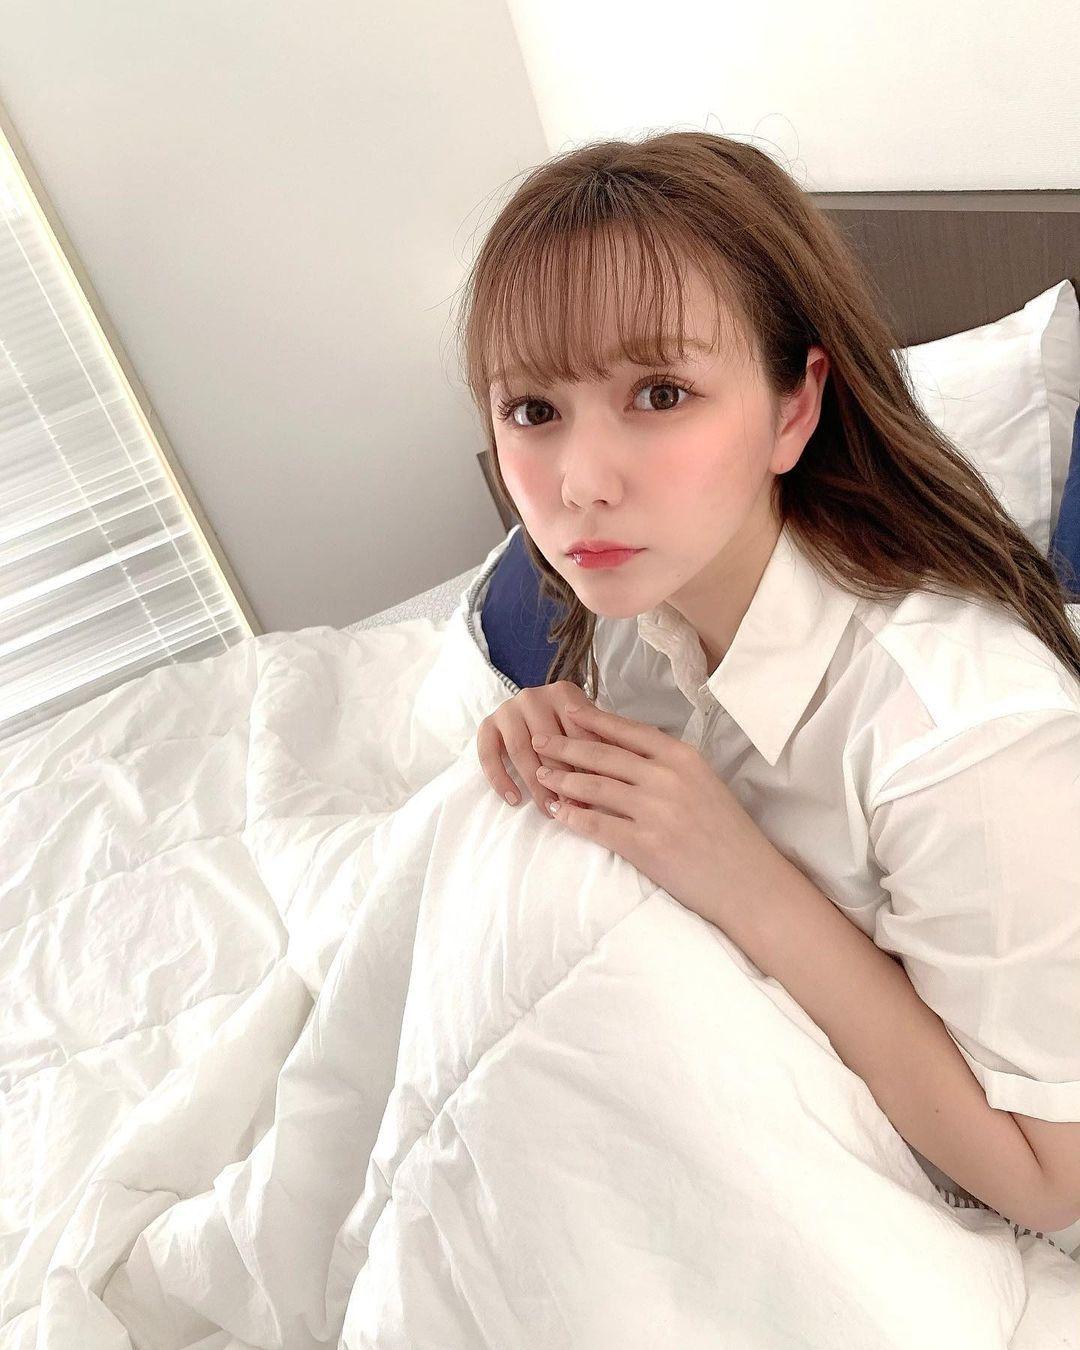 日俄混血美少女「村重杏奈」神级美貌仿佛被天使祝福-新图包